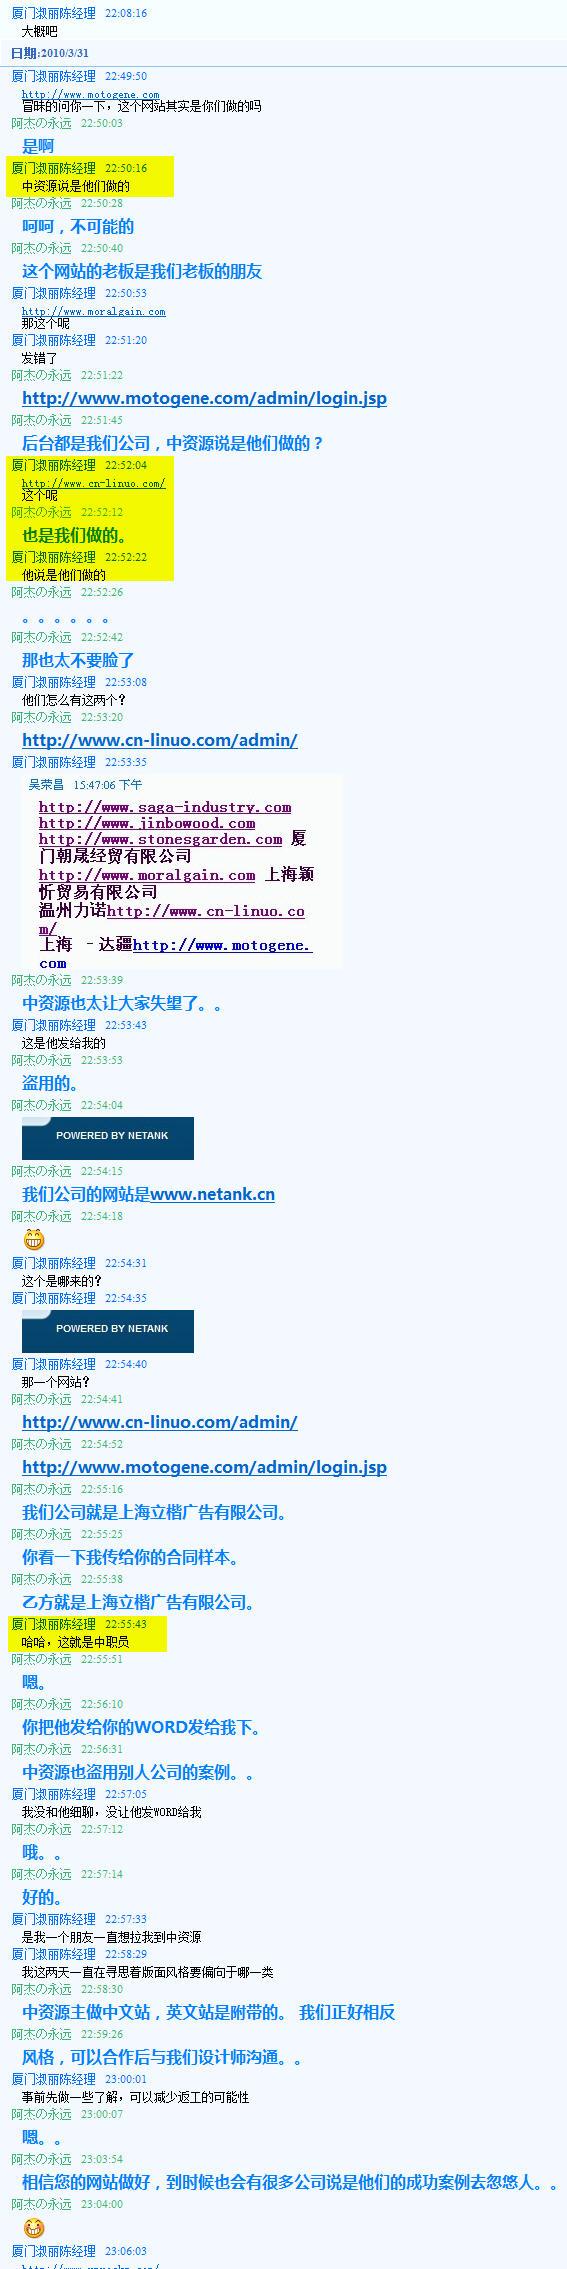 关于盗用外贸网站成功案例